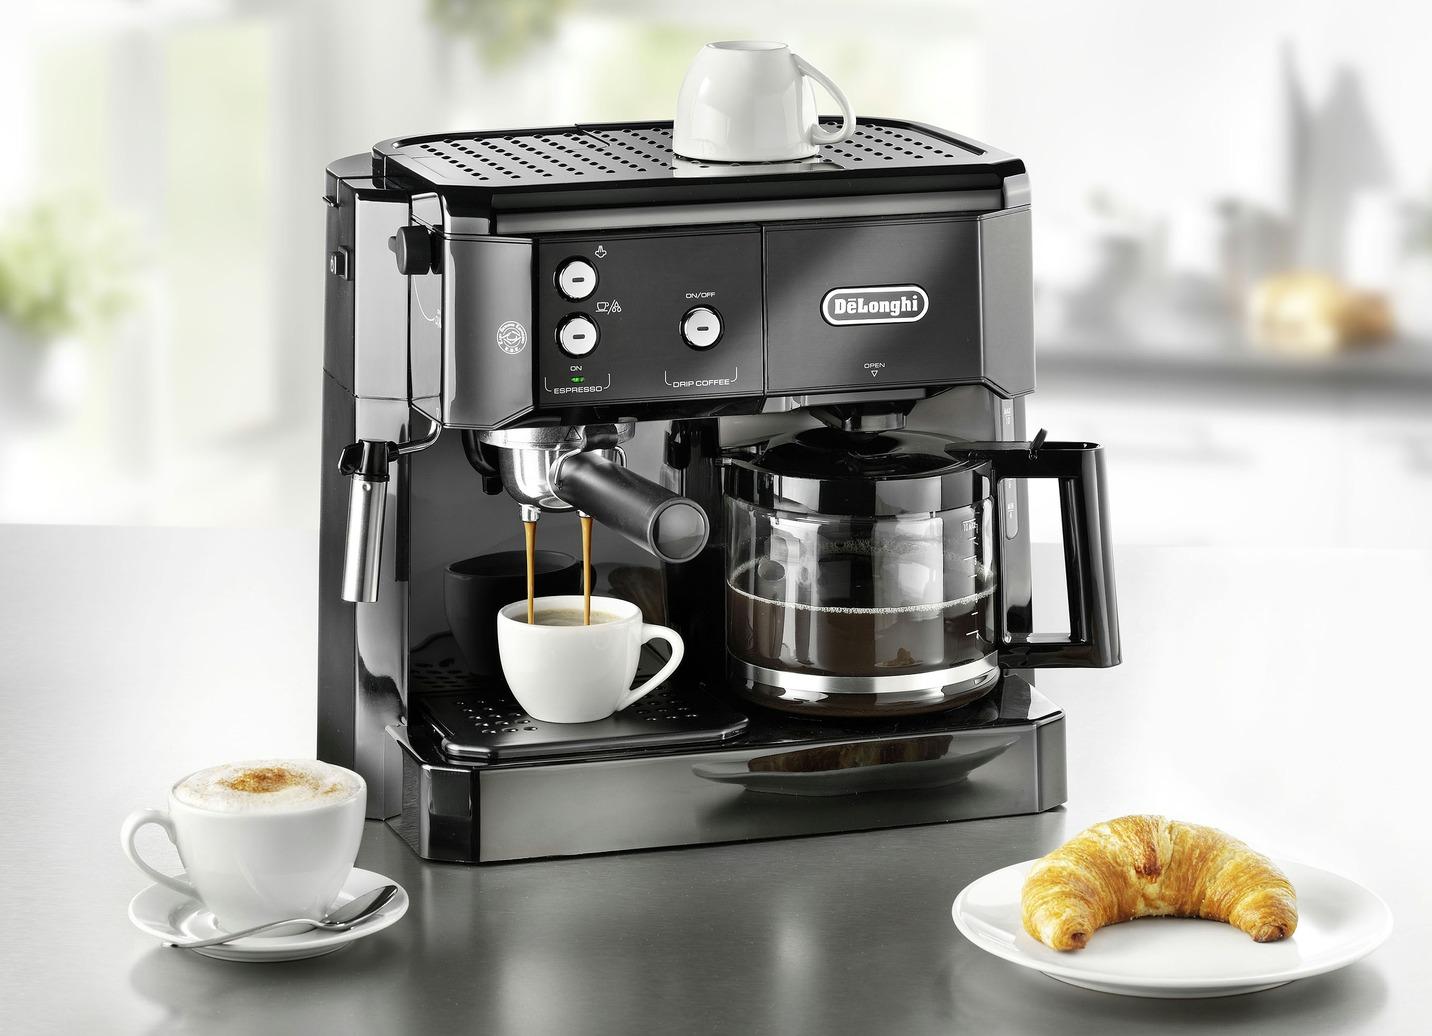 De?Longhi BCO411.B/BCO421.S Kaffee-/Espressomaschine Schwarz Preisvergleich